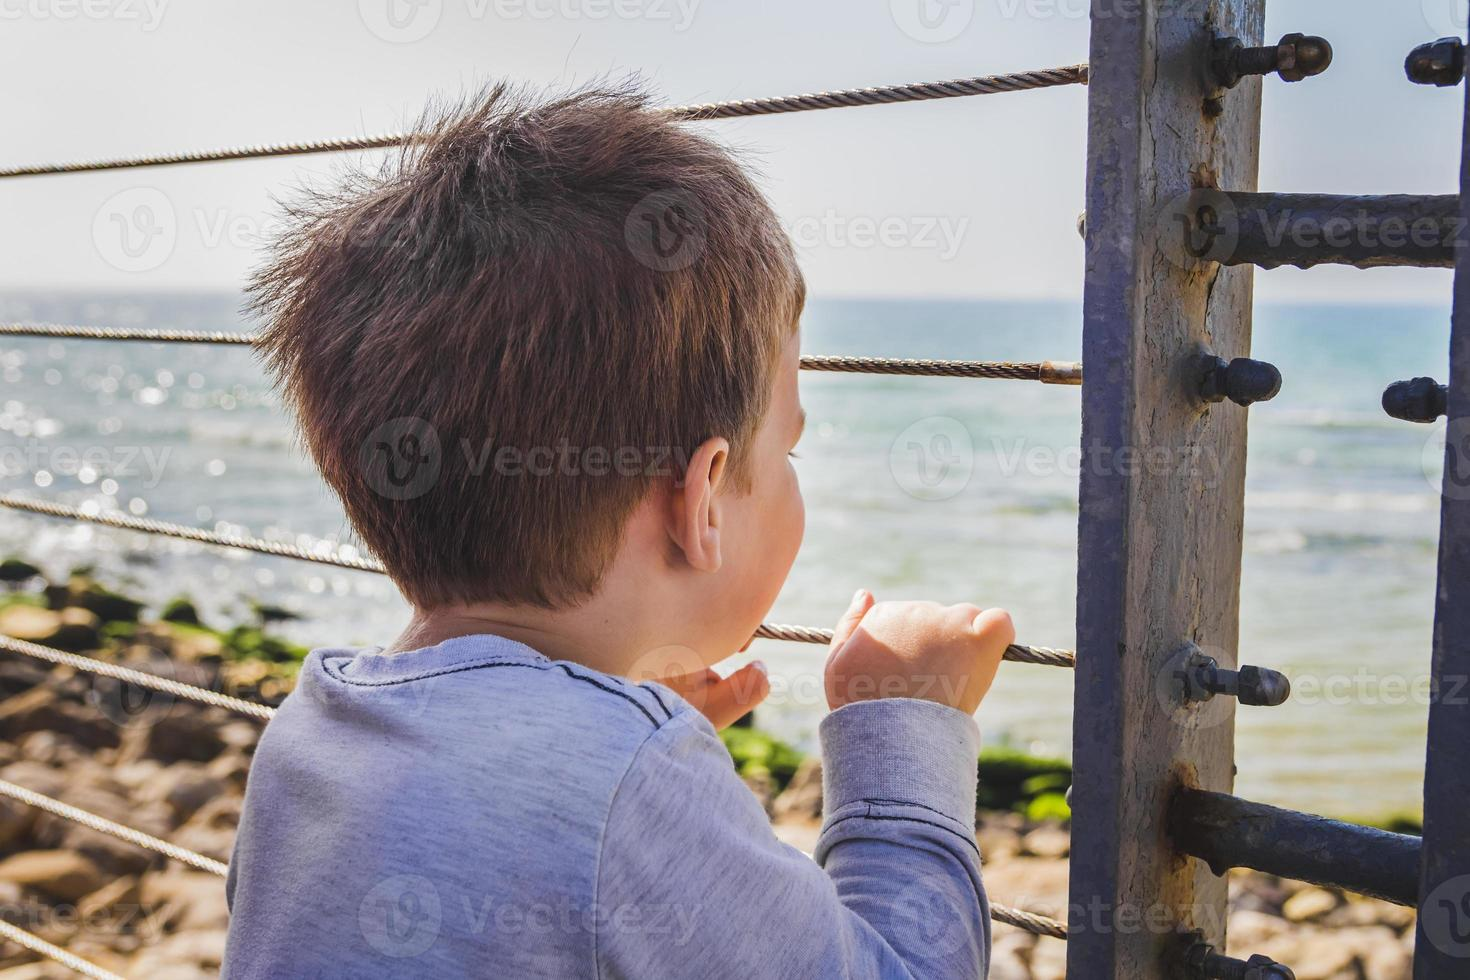 il ragazzo guarda lontano all'orizzonte da dietro la recinzione metallica foto